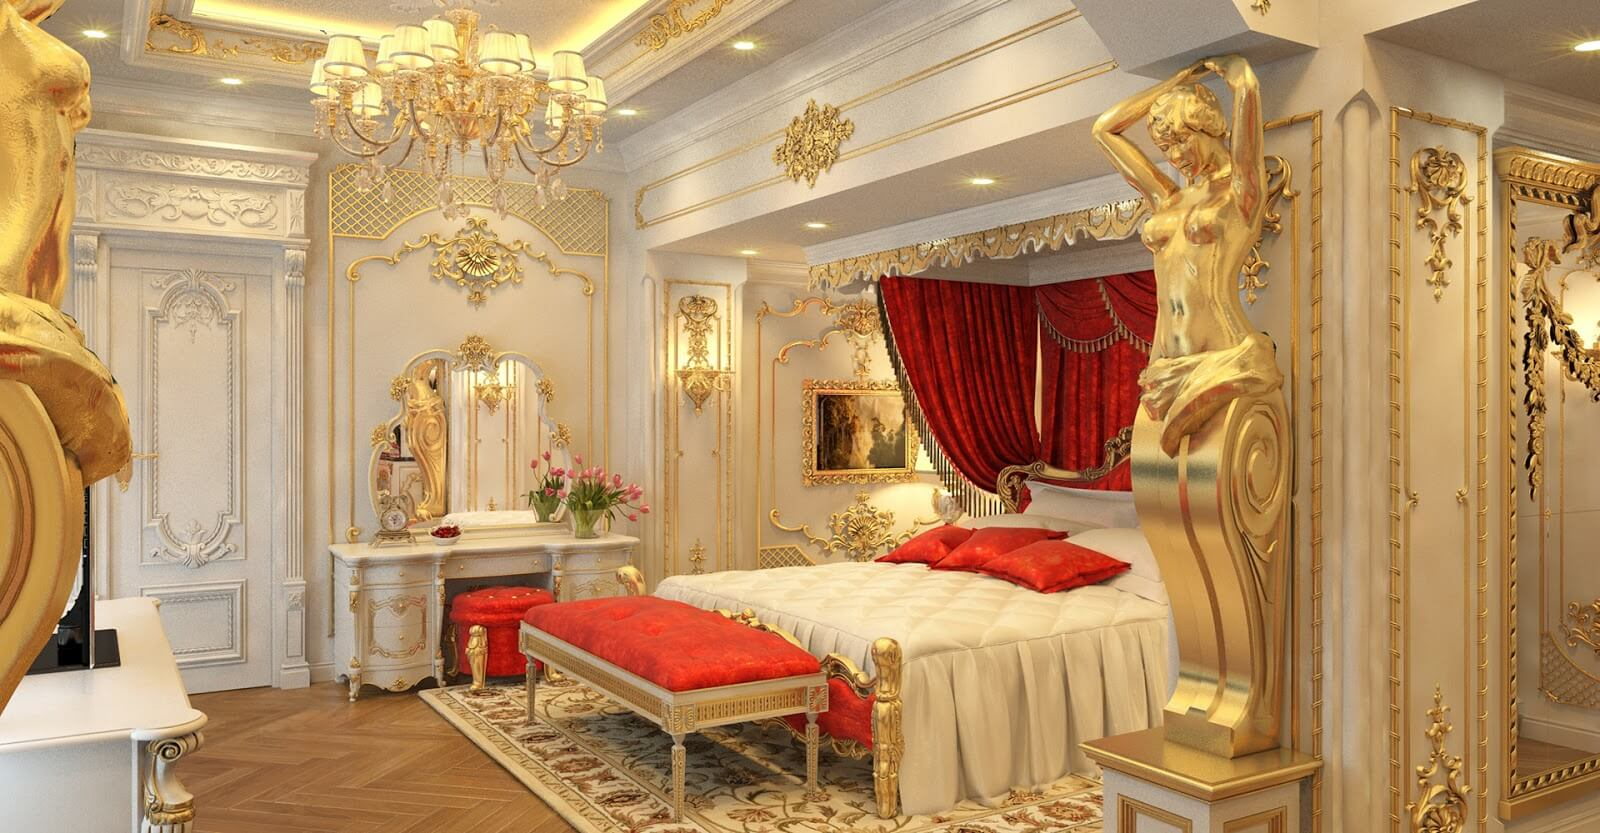 Phong cách thiết kế nội thất tân cổ điển sang trọng